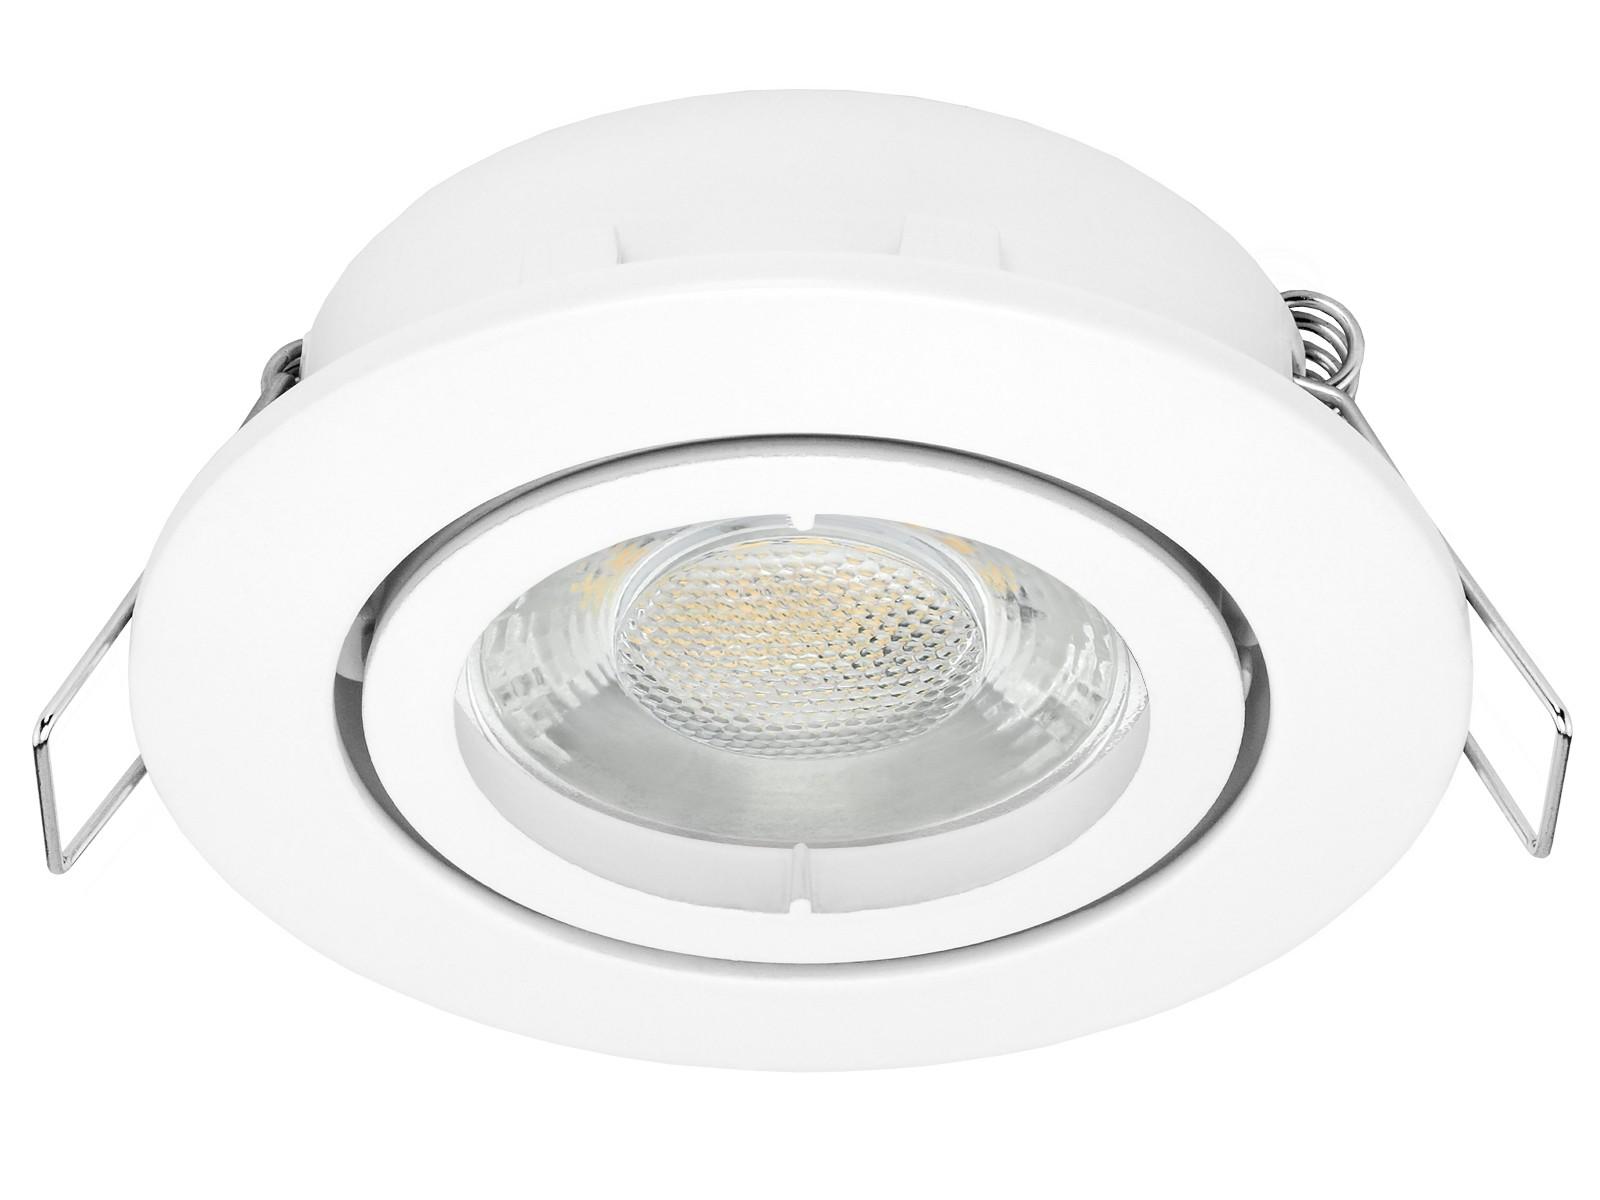 LED-Einbaustrahler-weiss-Rund-Einbaubeispiel Luxus Led Einbaustrahler Mit Trafo Dekorationen